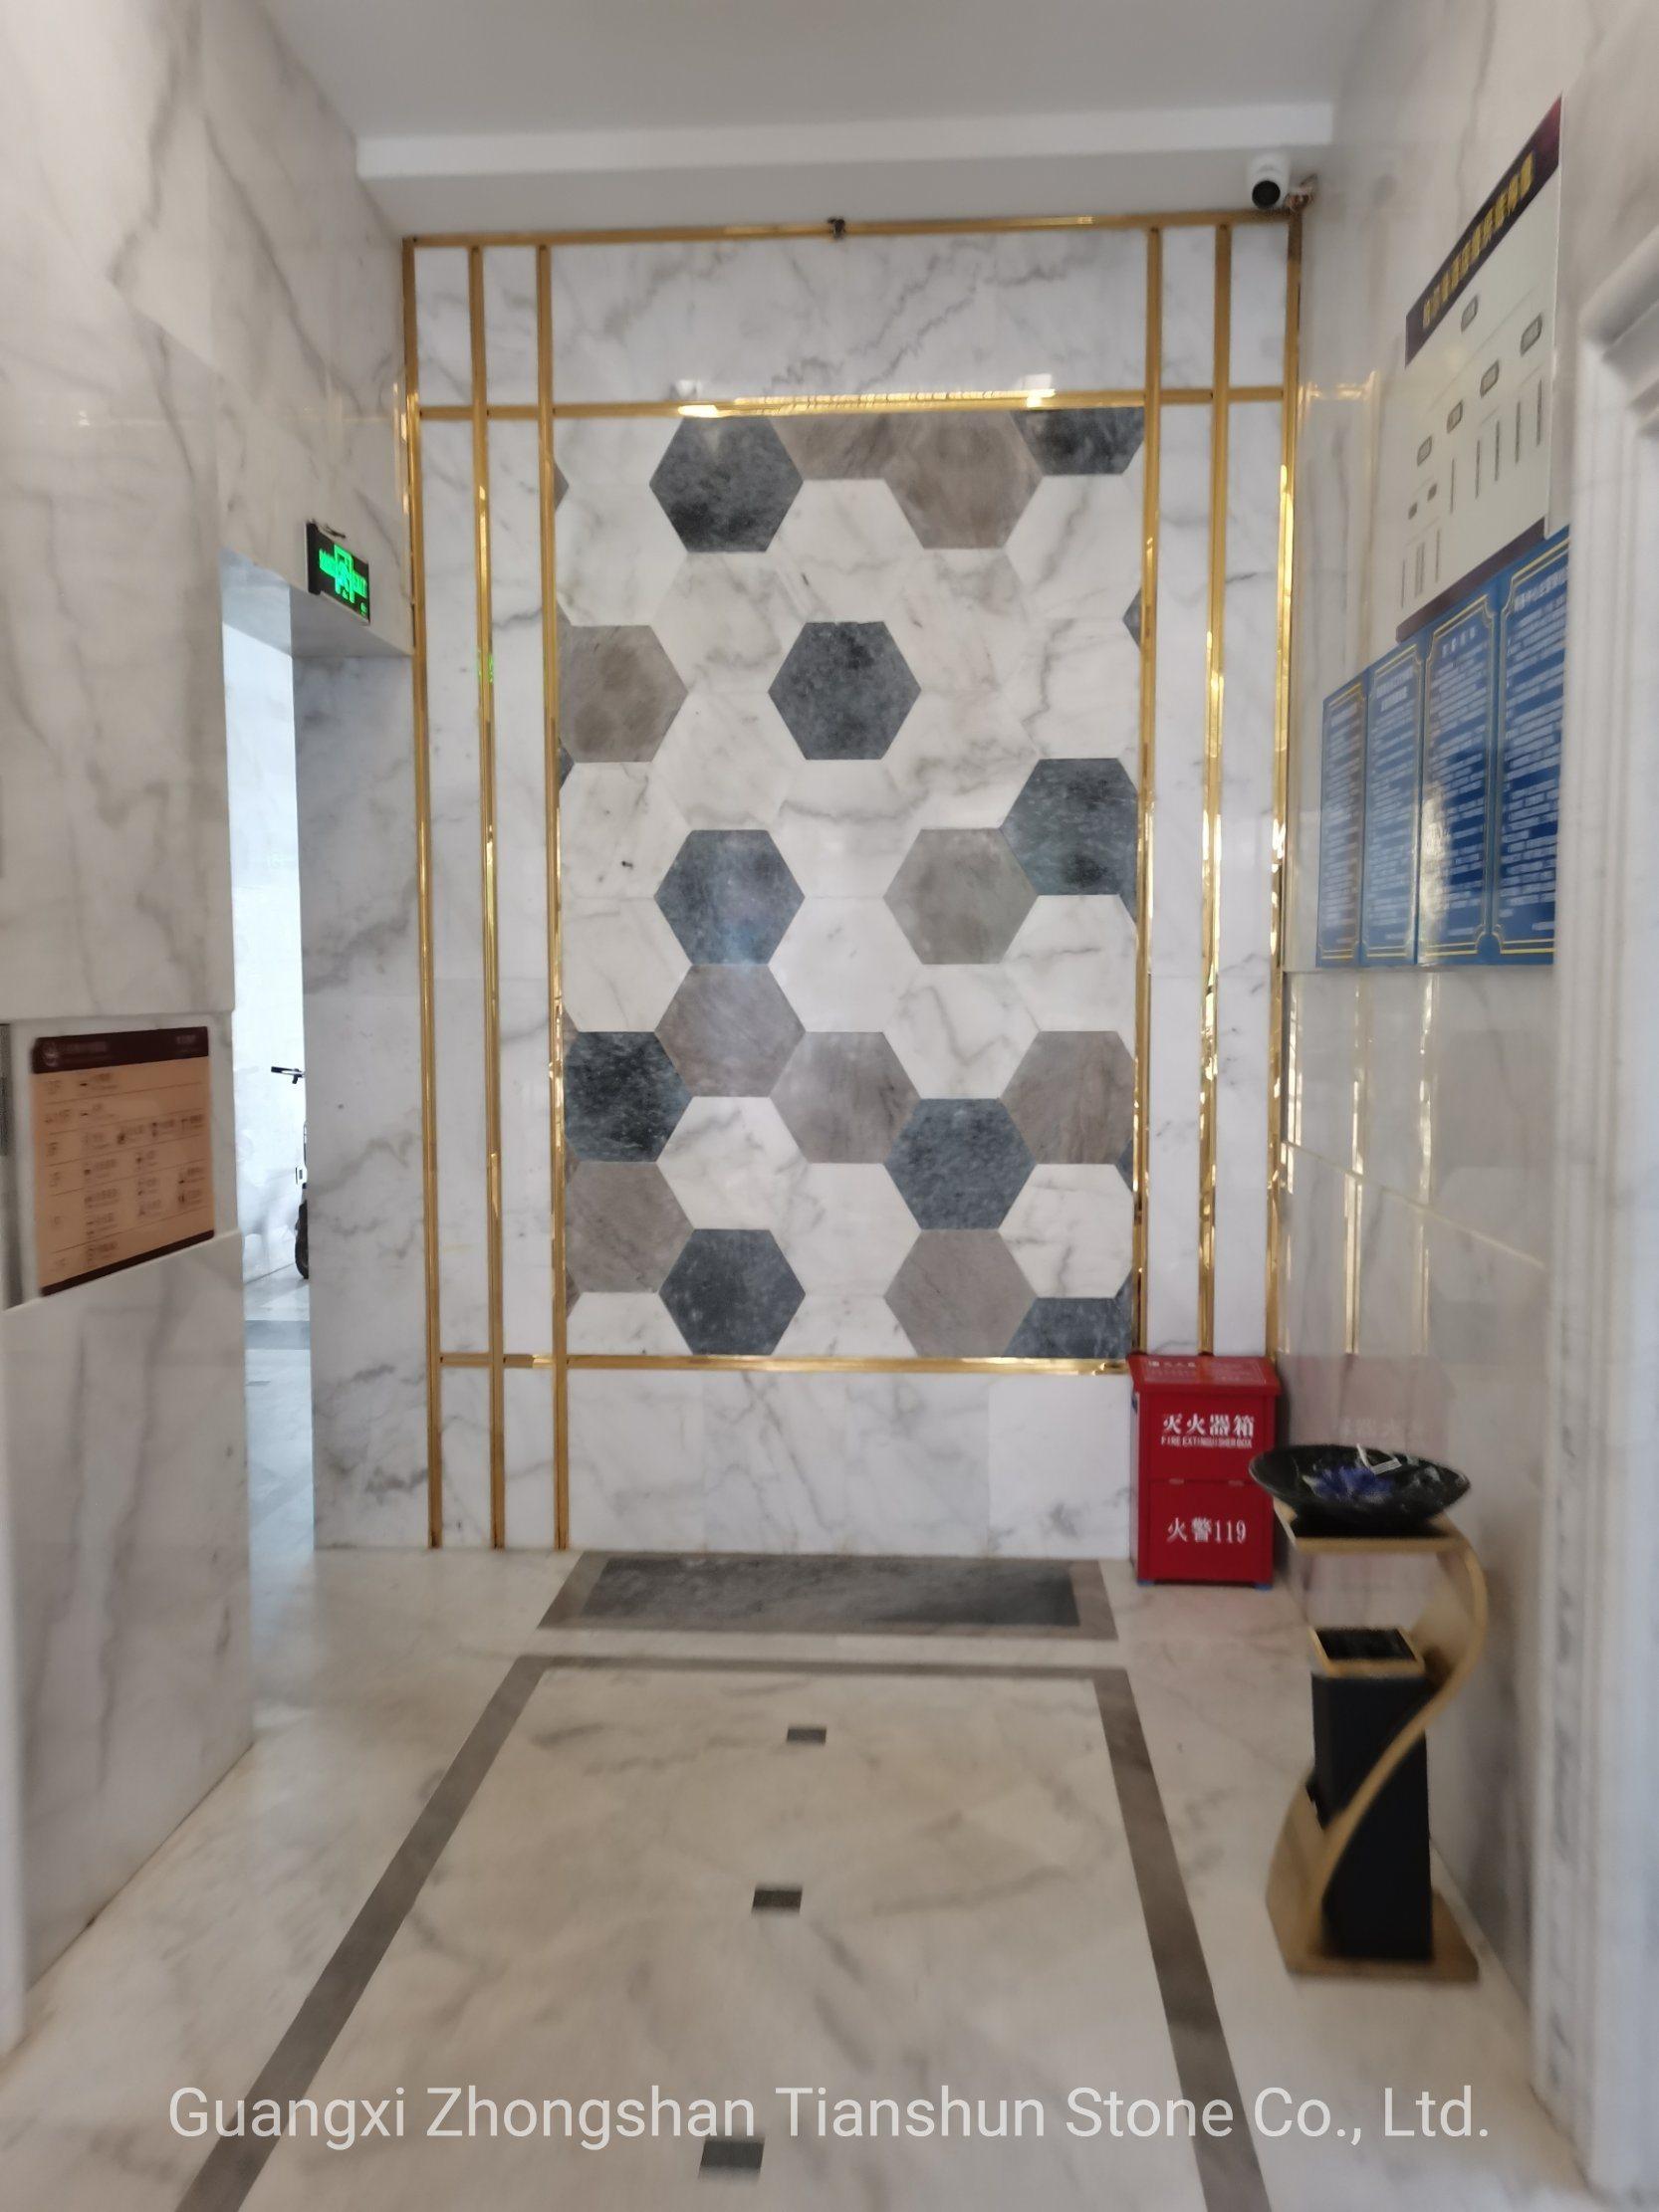 guangxi zhongshan tianshun stone co ltd